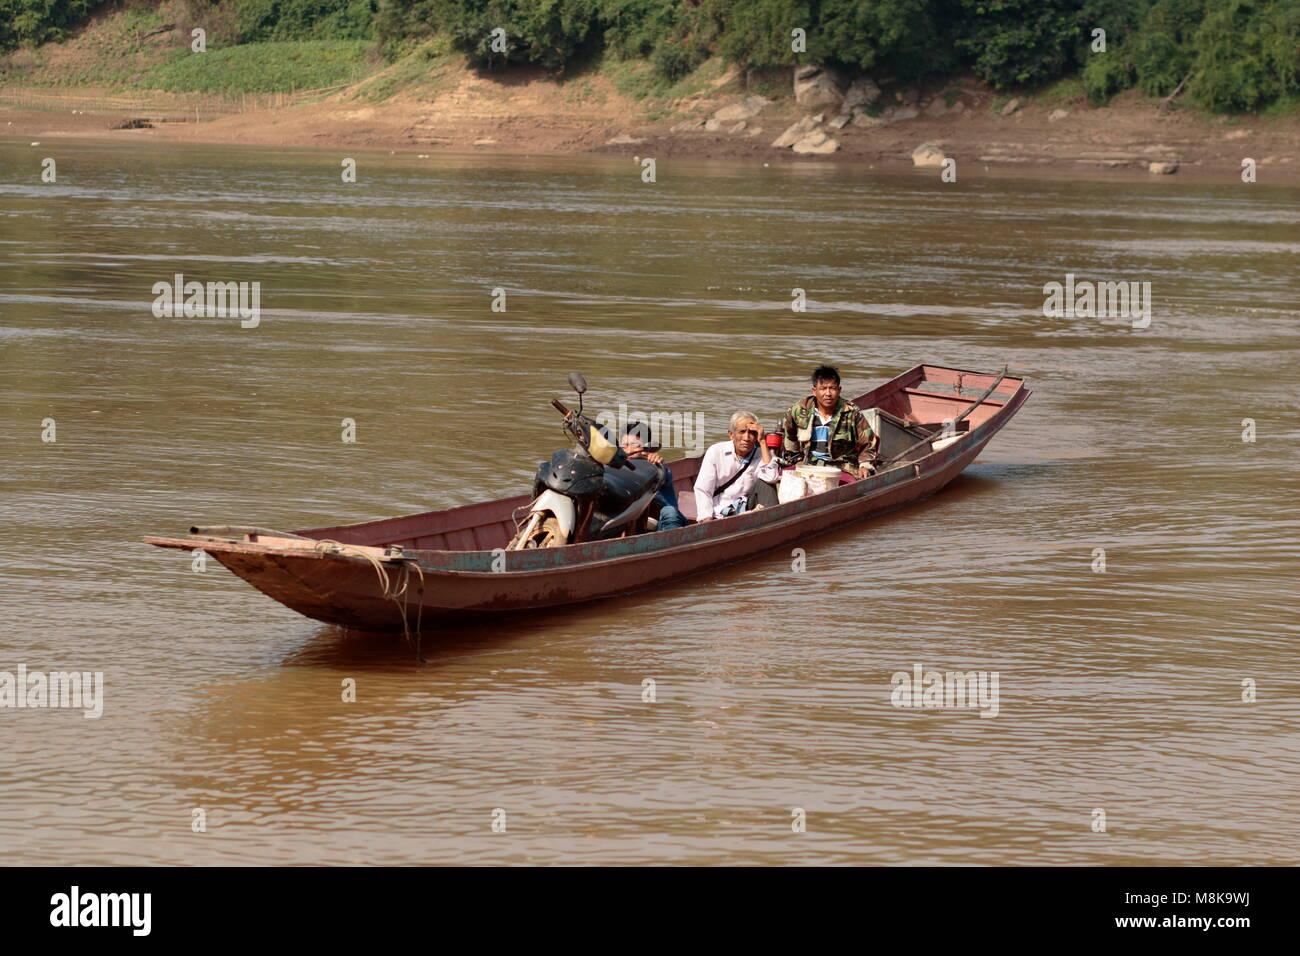 River Crossing, Mekong river, Laos Stock Photo